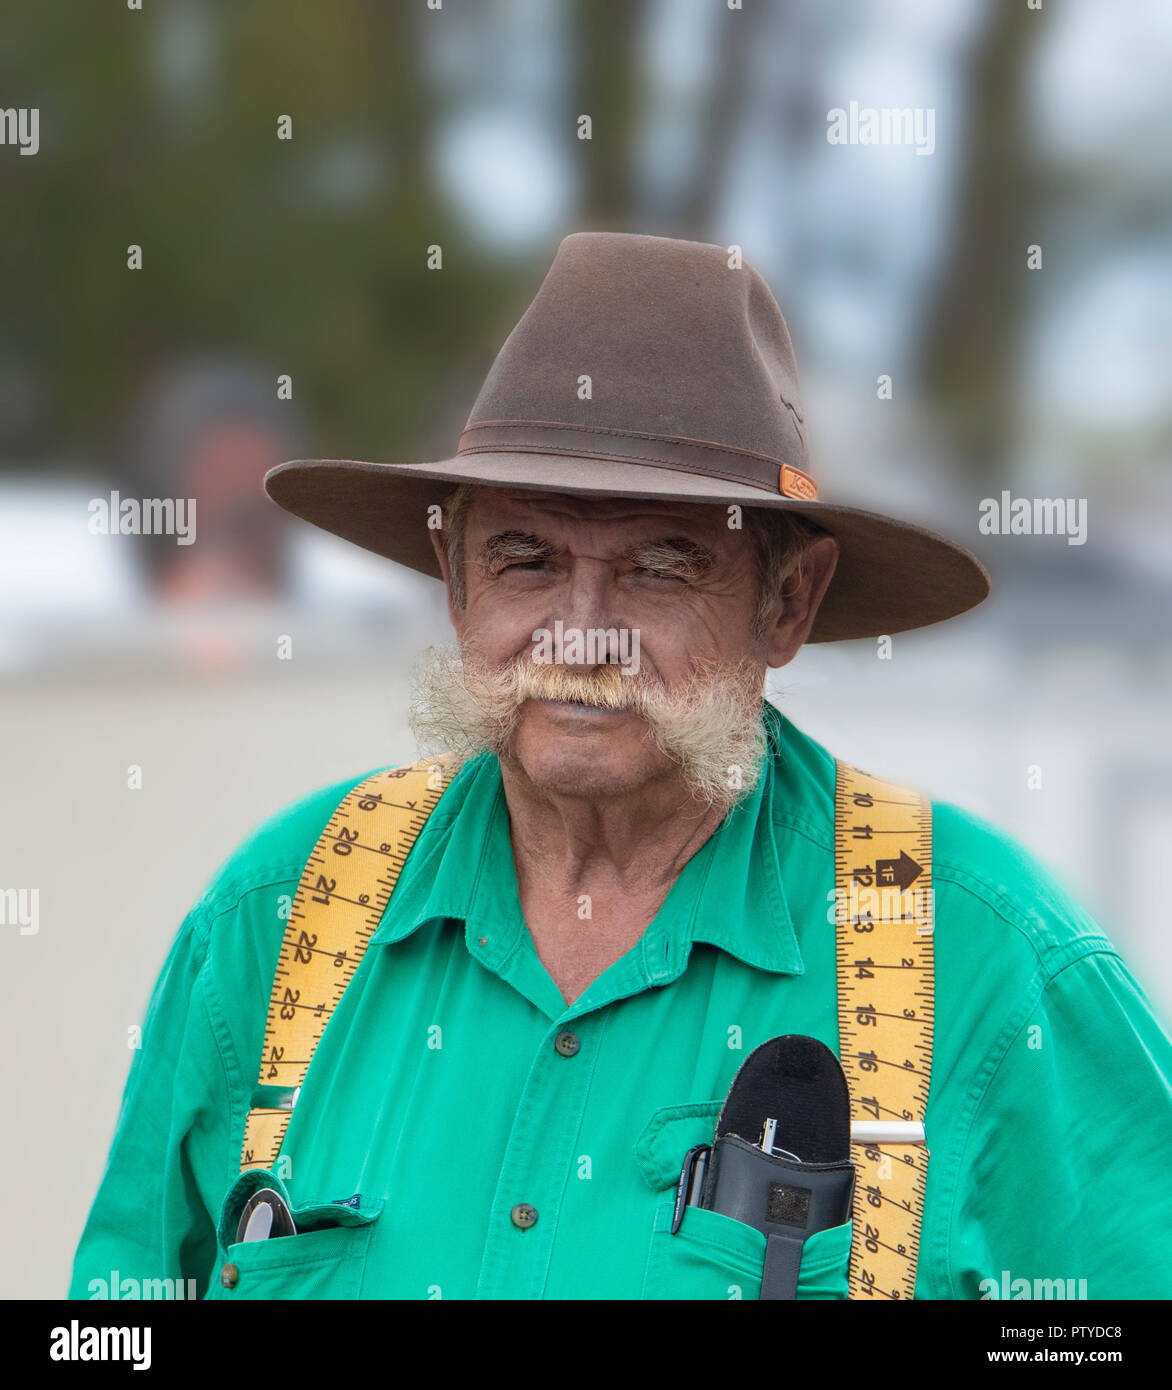 Ritratto di un uomo anziano con grandi baffi bianchi che indossa un cappello  giallo e bretelle f361dab146c7